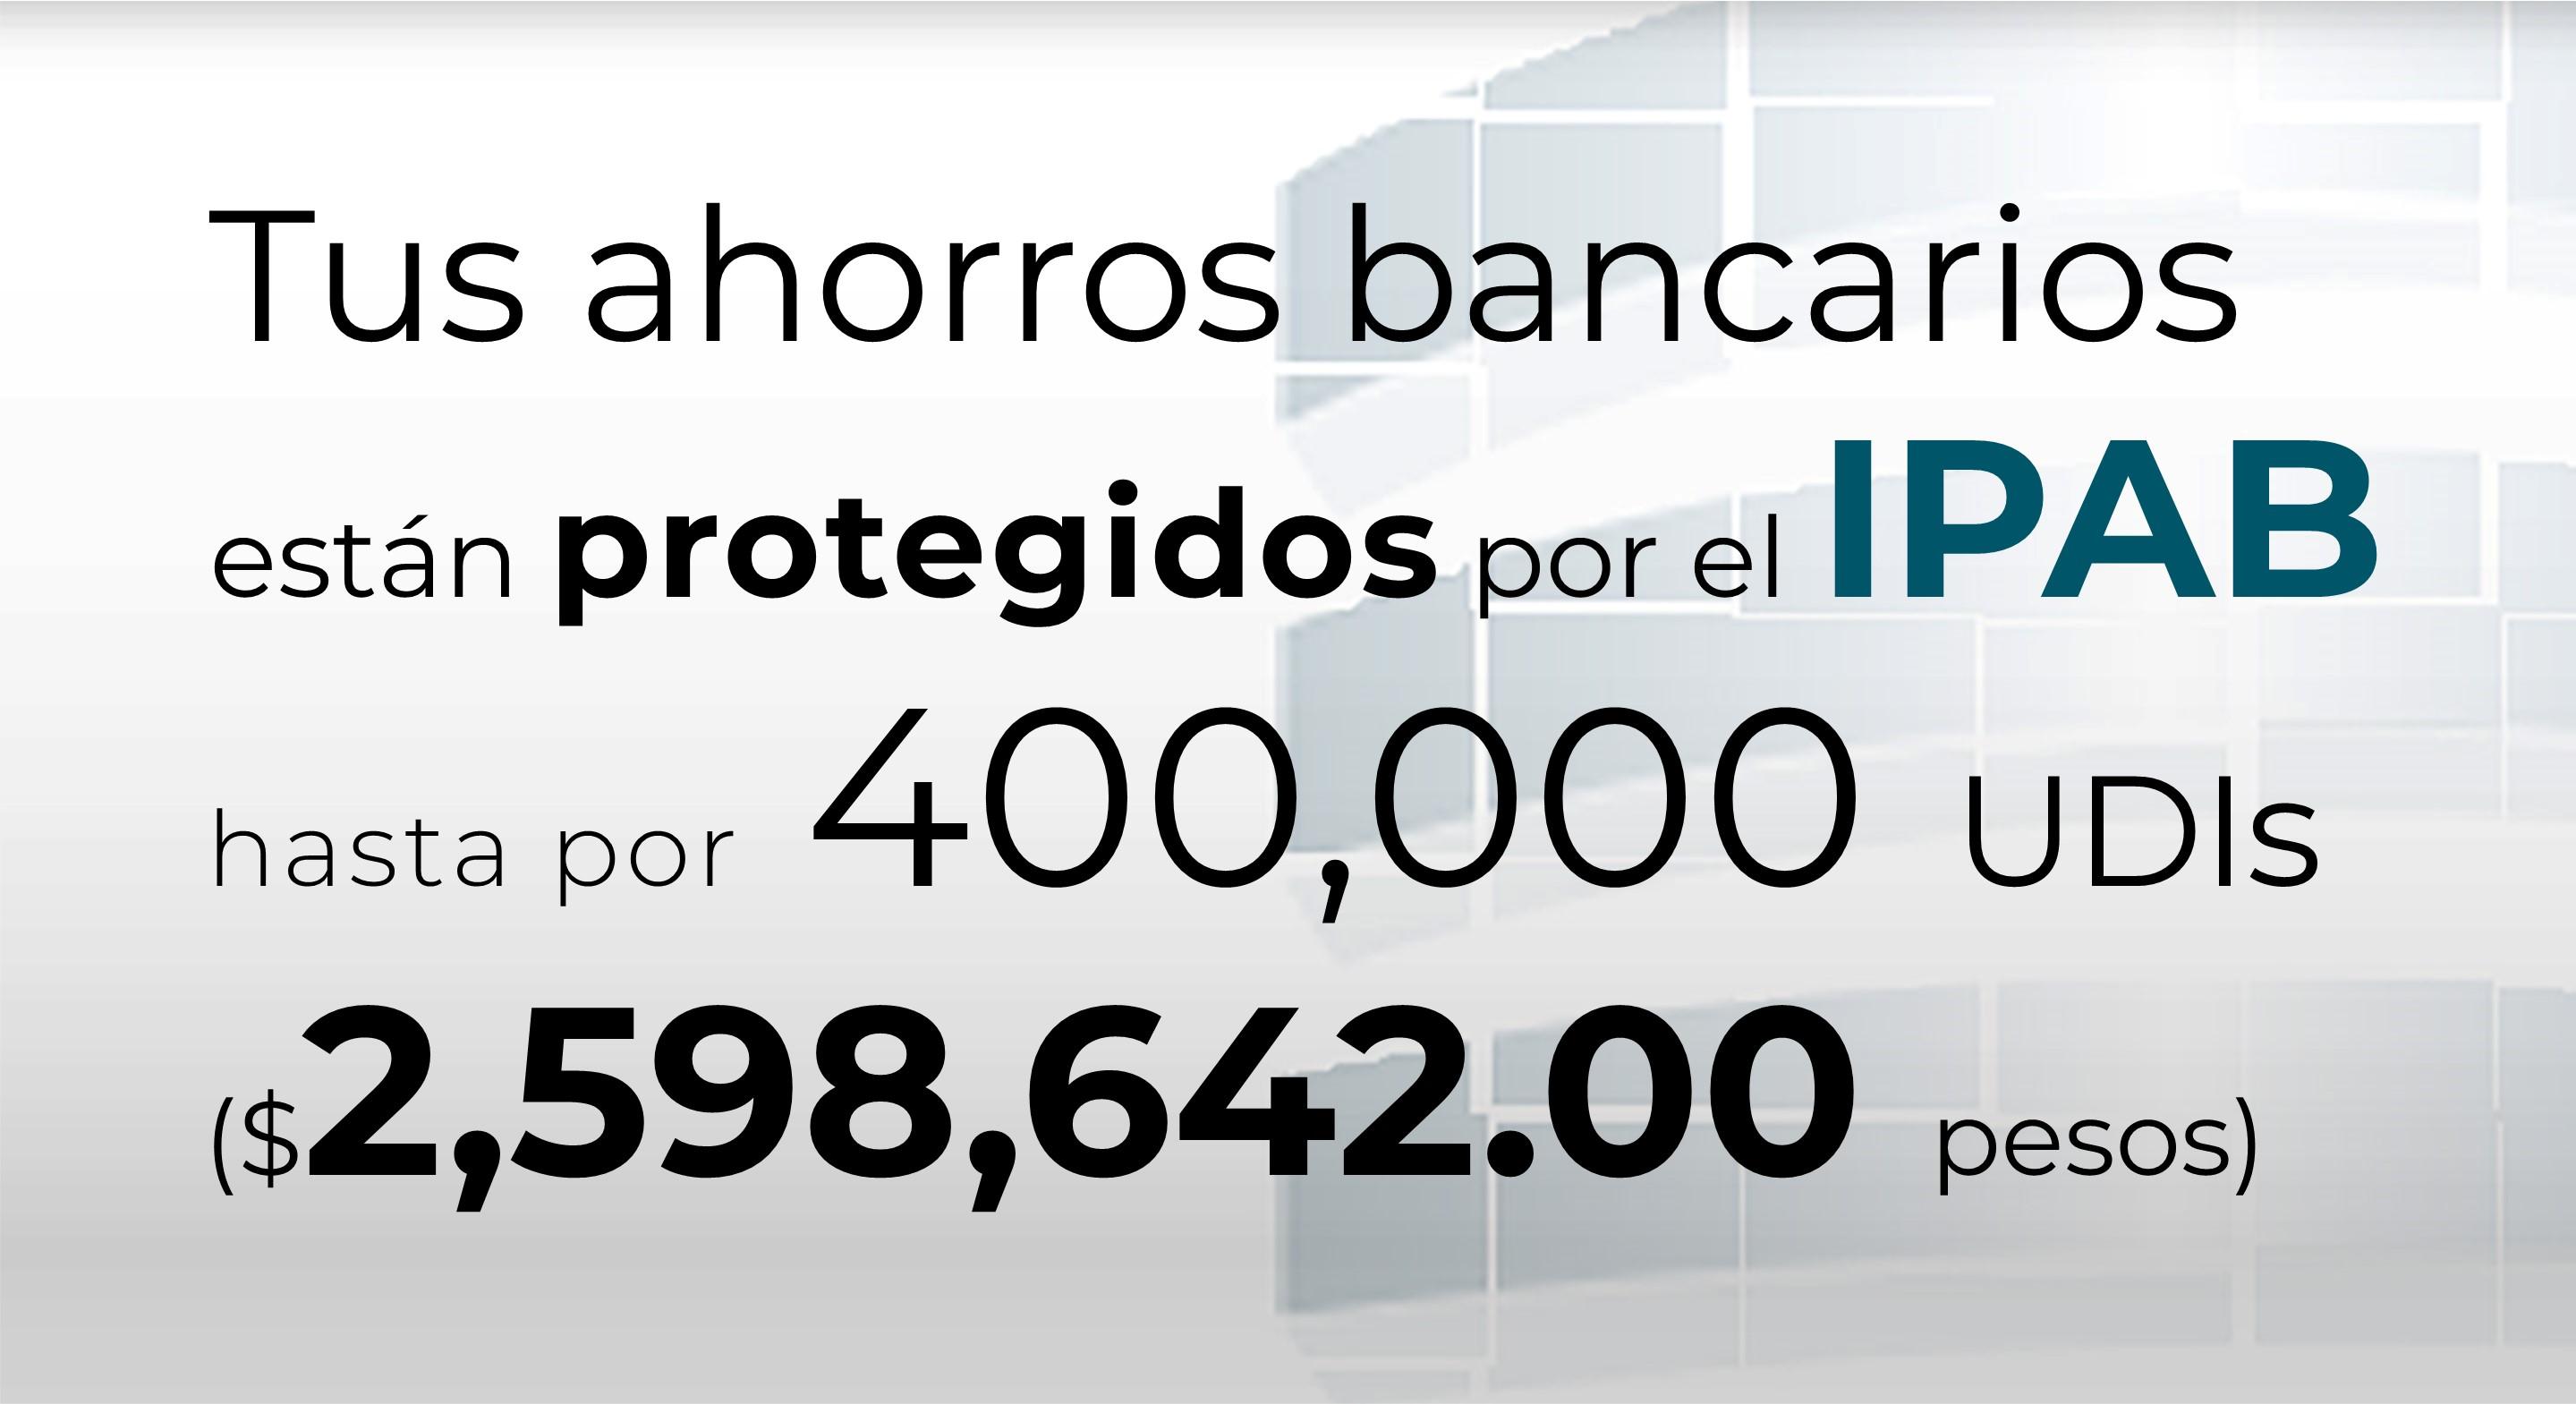 Tus ahorros bancarios están protegidos hasta por 400 mil UDIs al 25 de marzo de 2020.